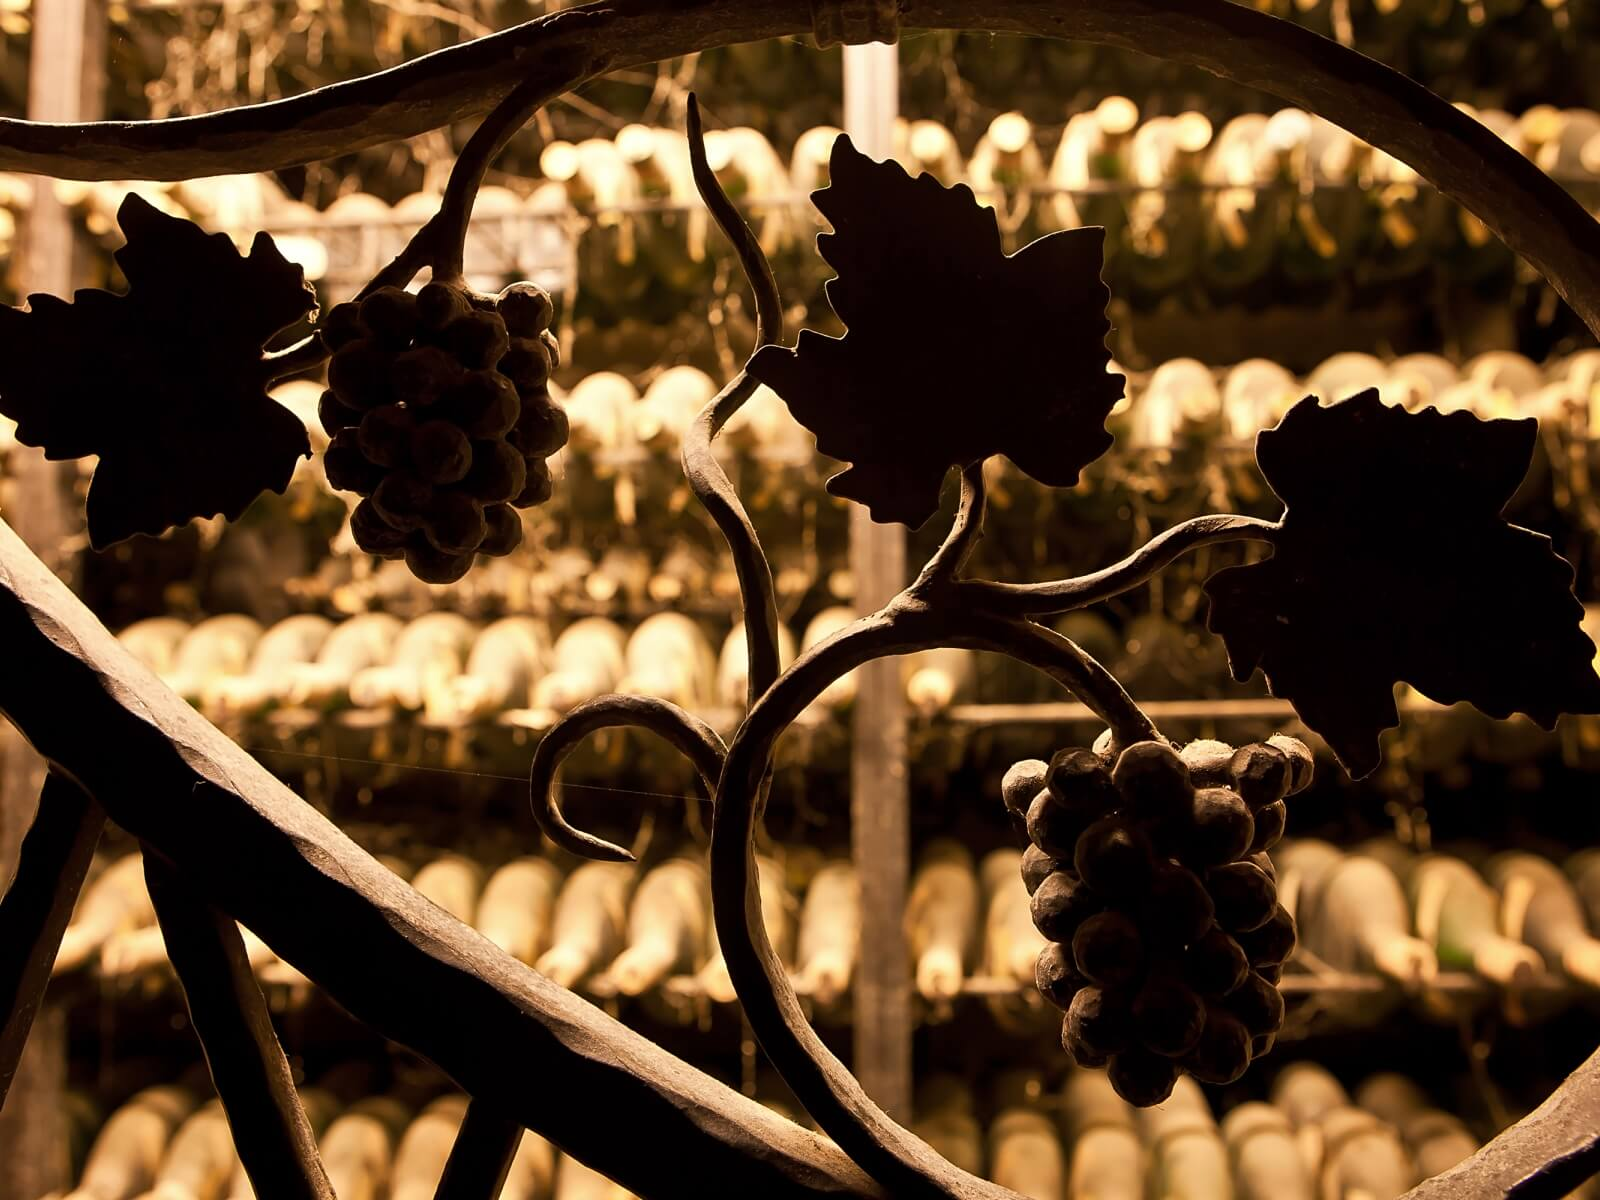 Blick auf die verstaubten Flaschen der Schatzkammer des Winzerkellers im Taubertal